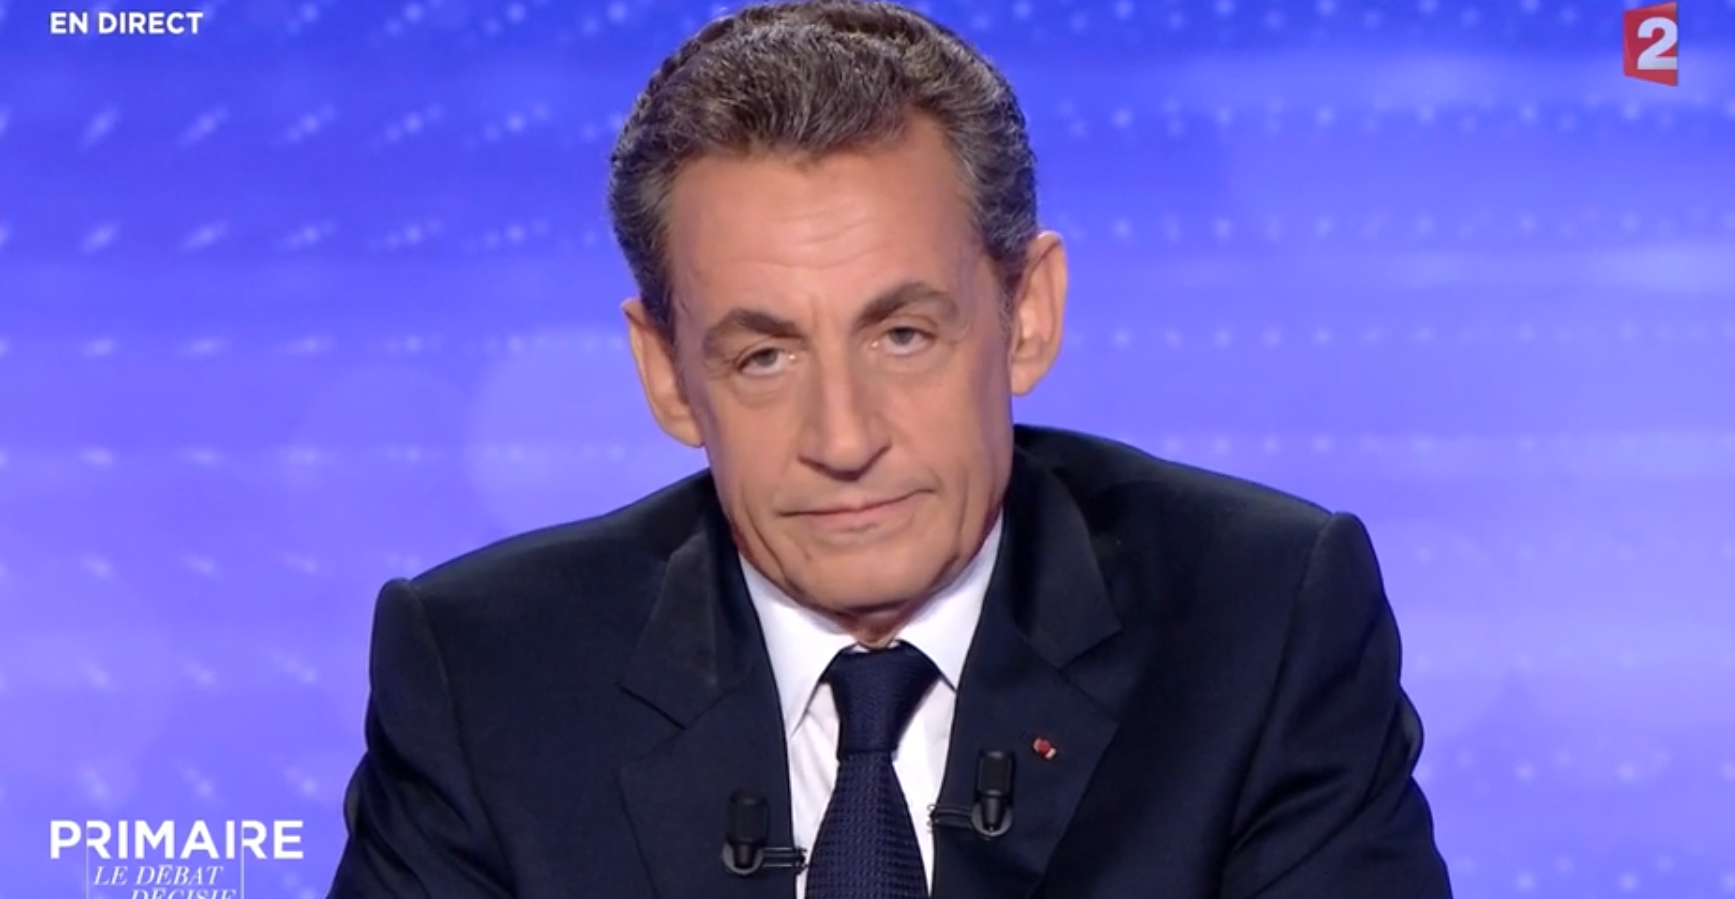 Les 3 digues internes au parti qui permettent à François Fillon de se maintenir